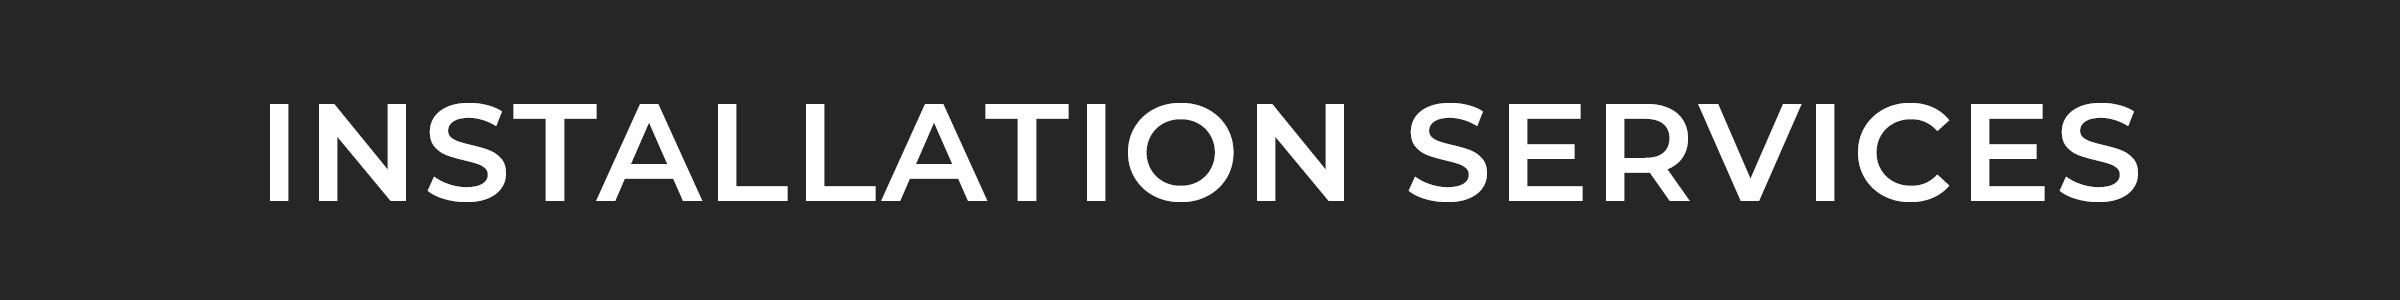 Installation Services Header